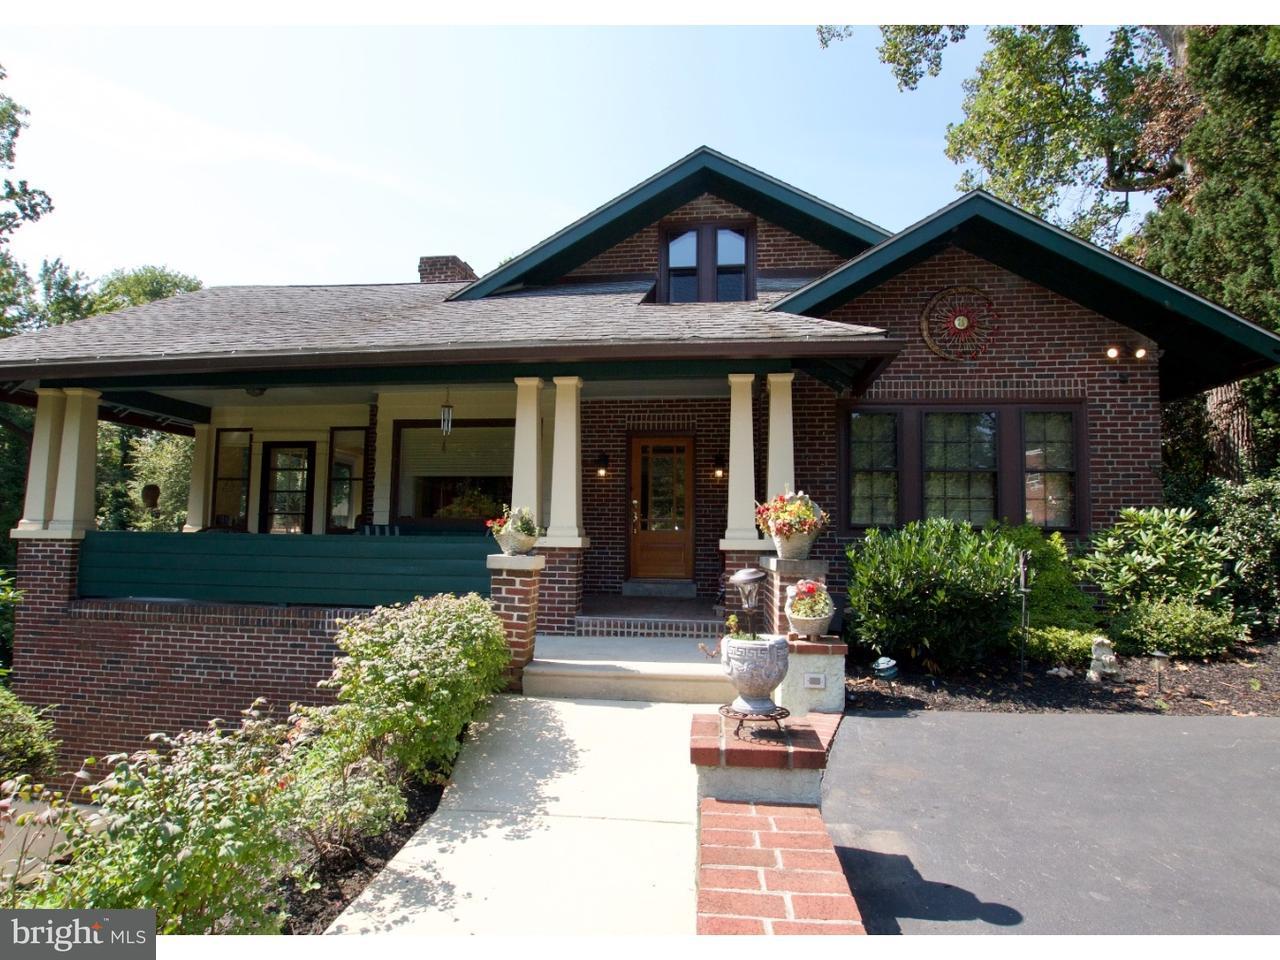 Tek Ailelik Ev için Satış at 422 S WOODBINE Avenue Narberth, Pennsylvania 19072 Amerika Birleşik Devletleri